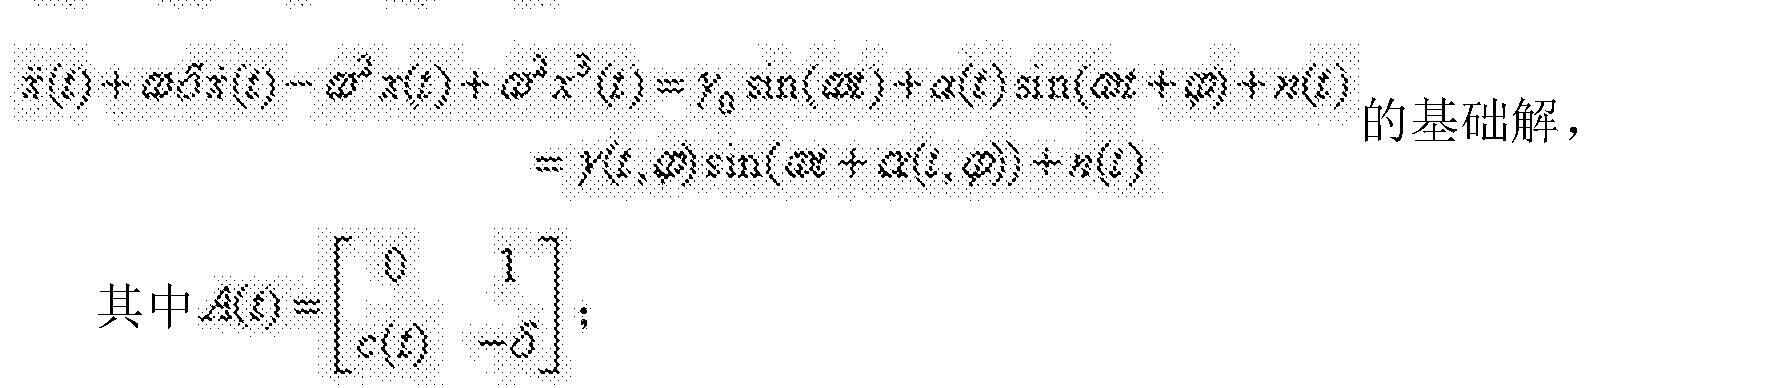 Figure CN103969648BC00024